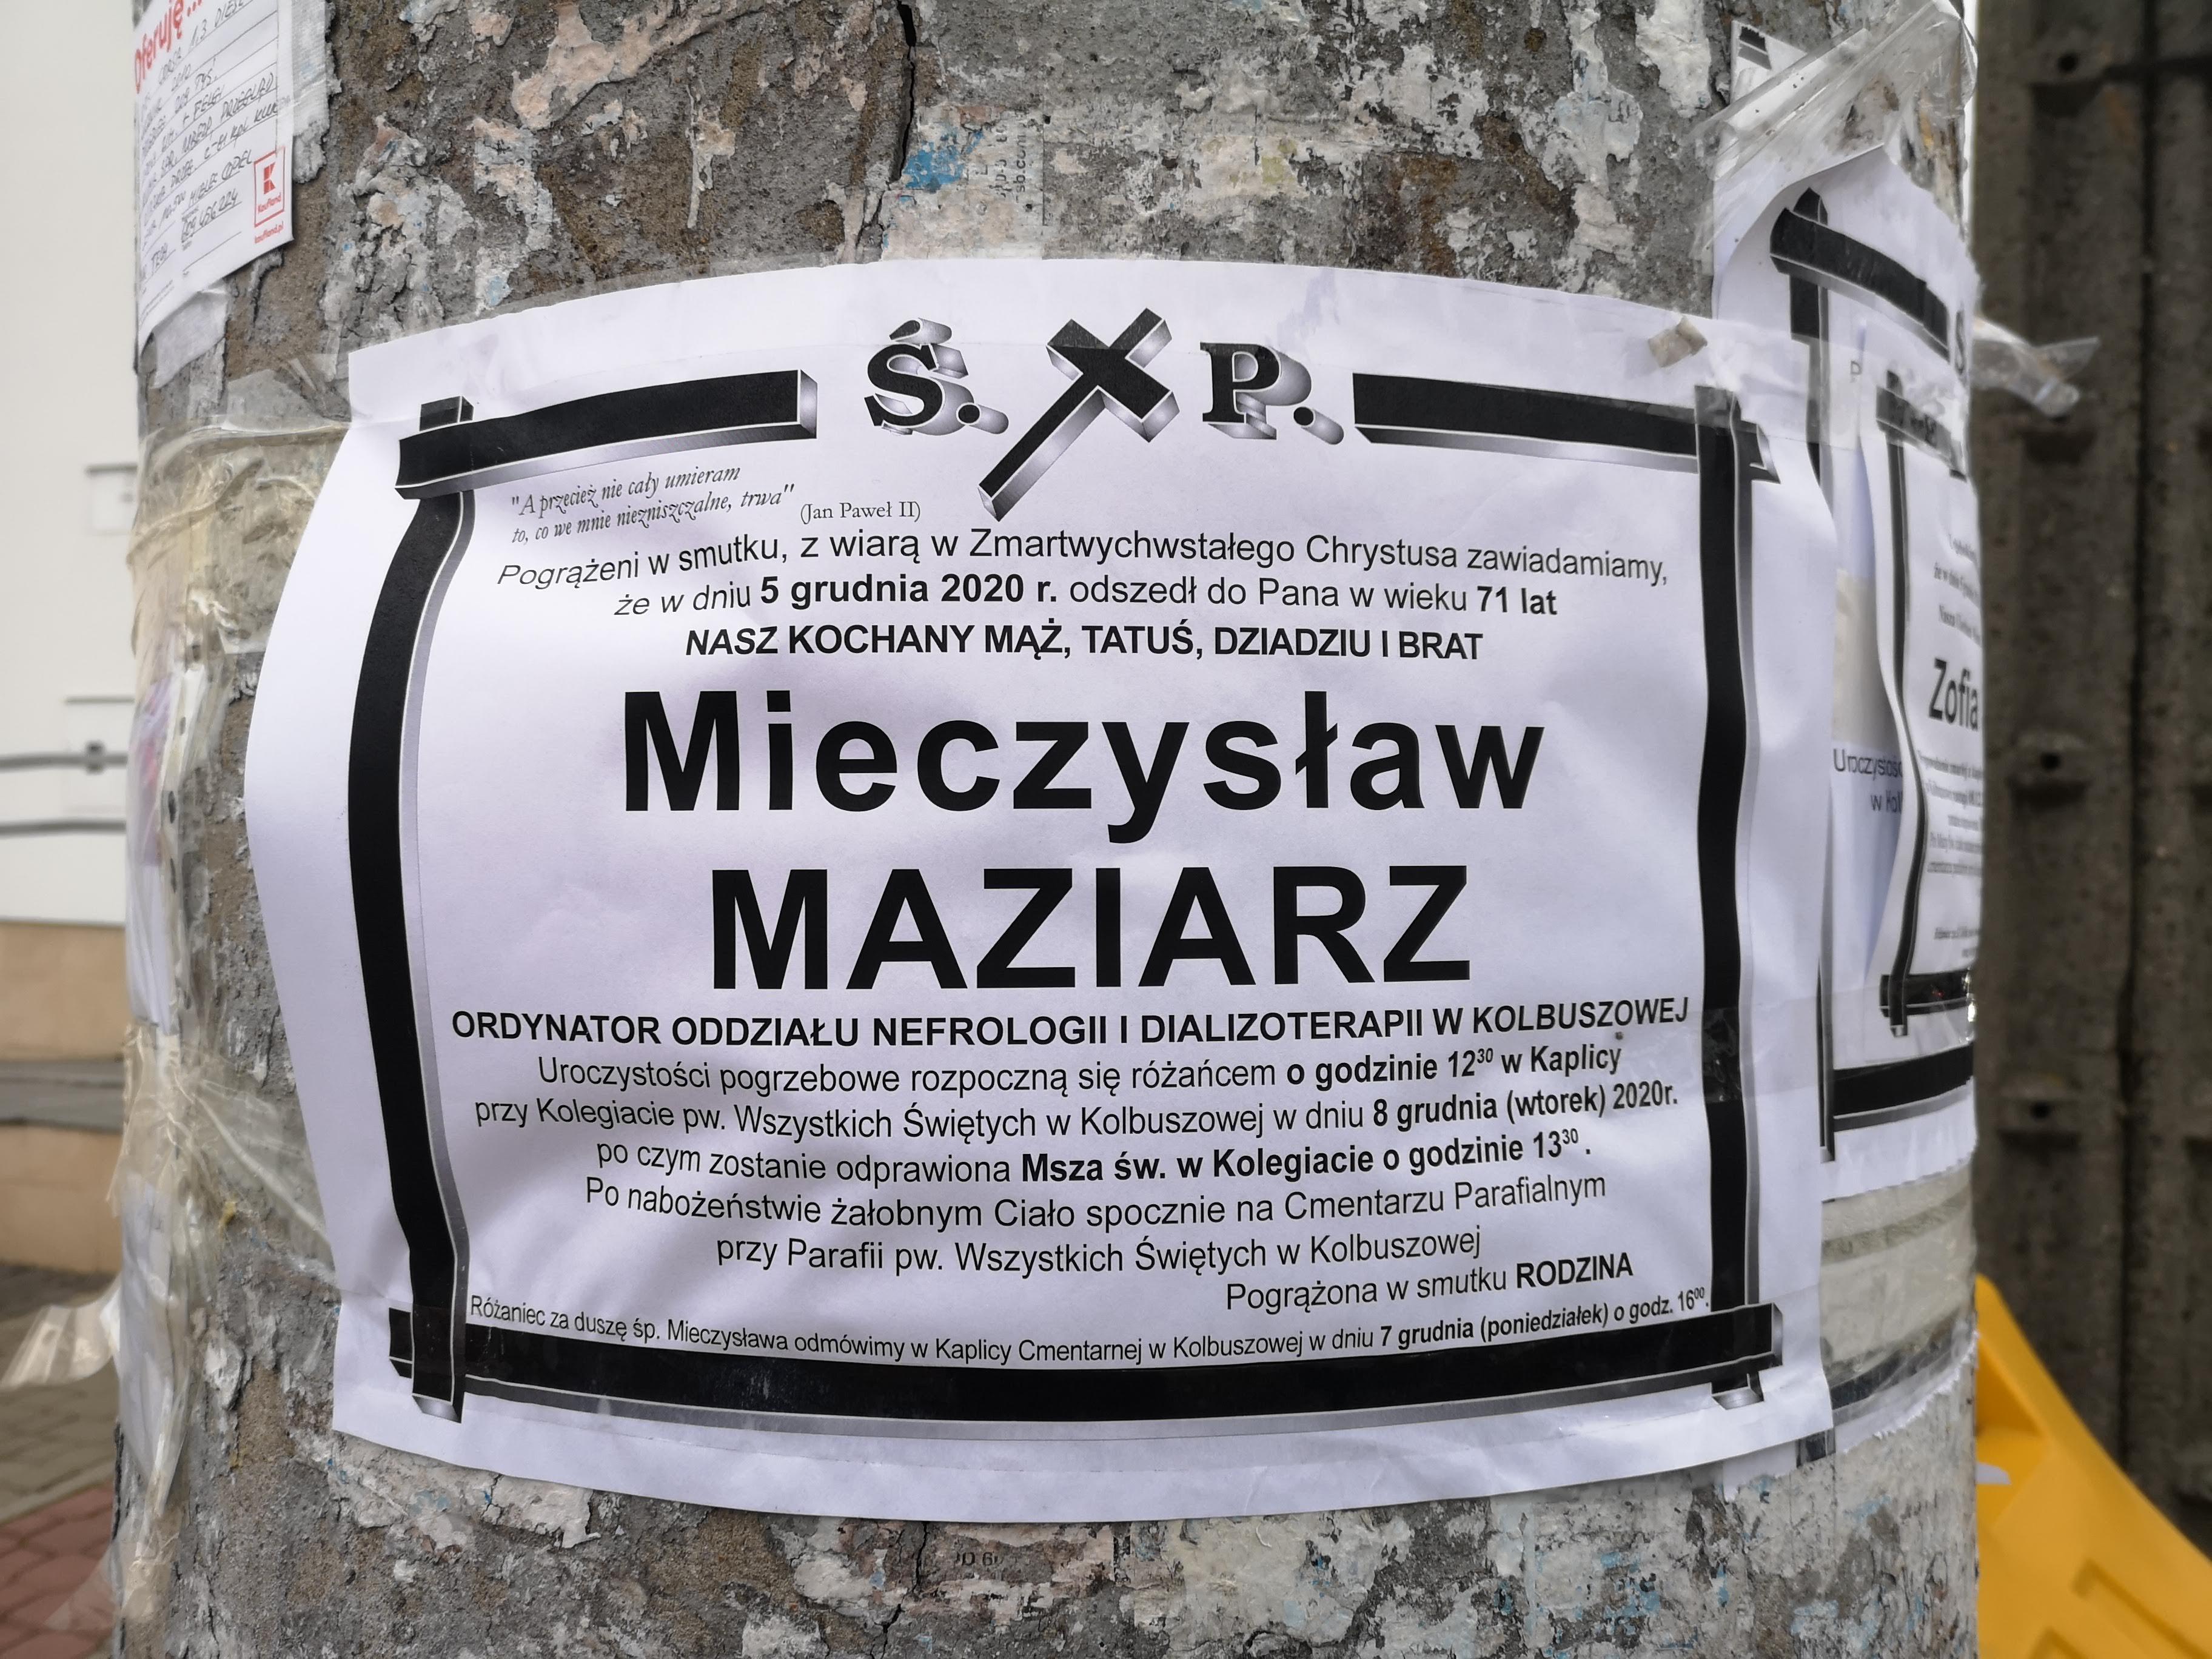 Dzisiaj pogrzeb doktora Maziarza. Proboszcz apeluje  - Zdjęcie główne